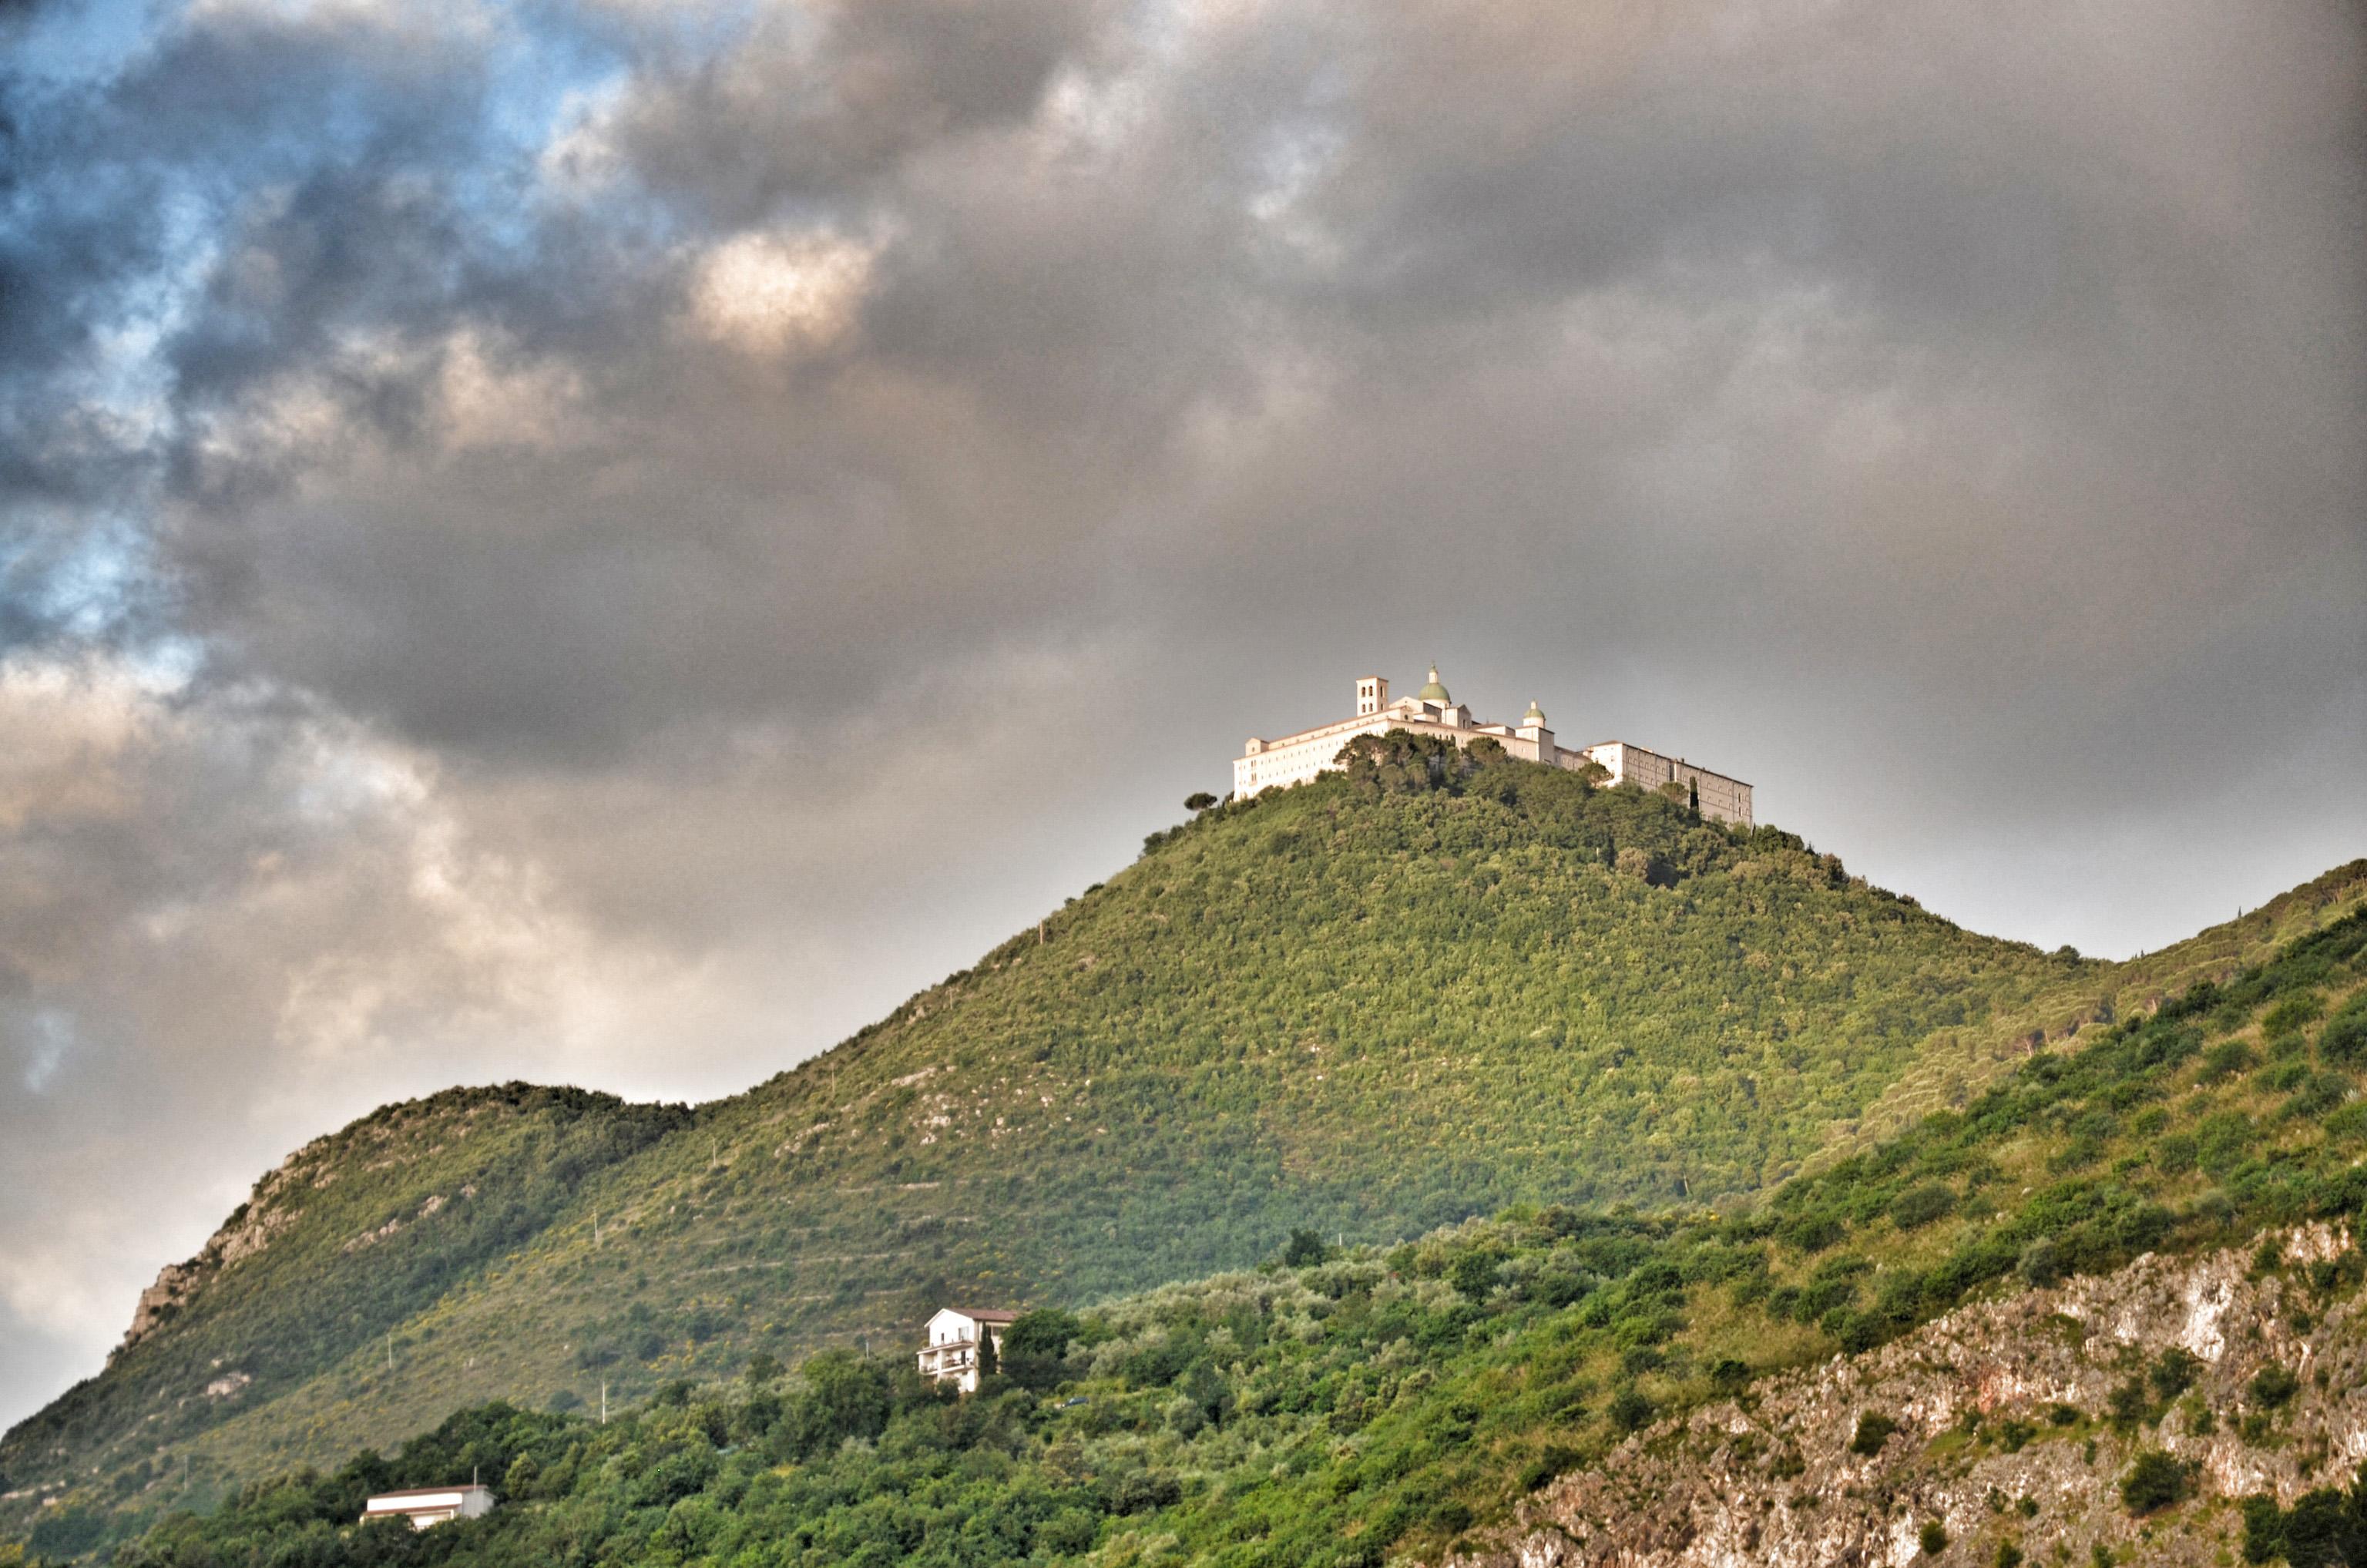 Anzio Monte Cassino Amp San Pietro Italian Campaign By Air